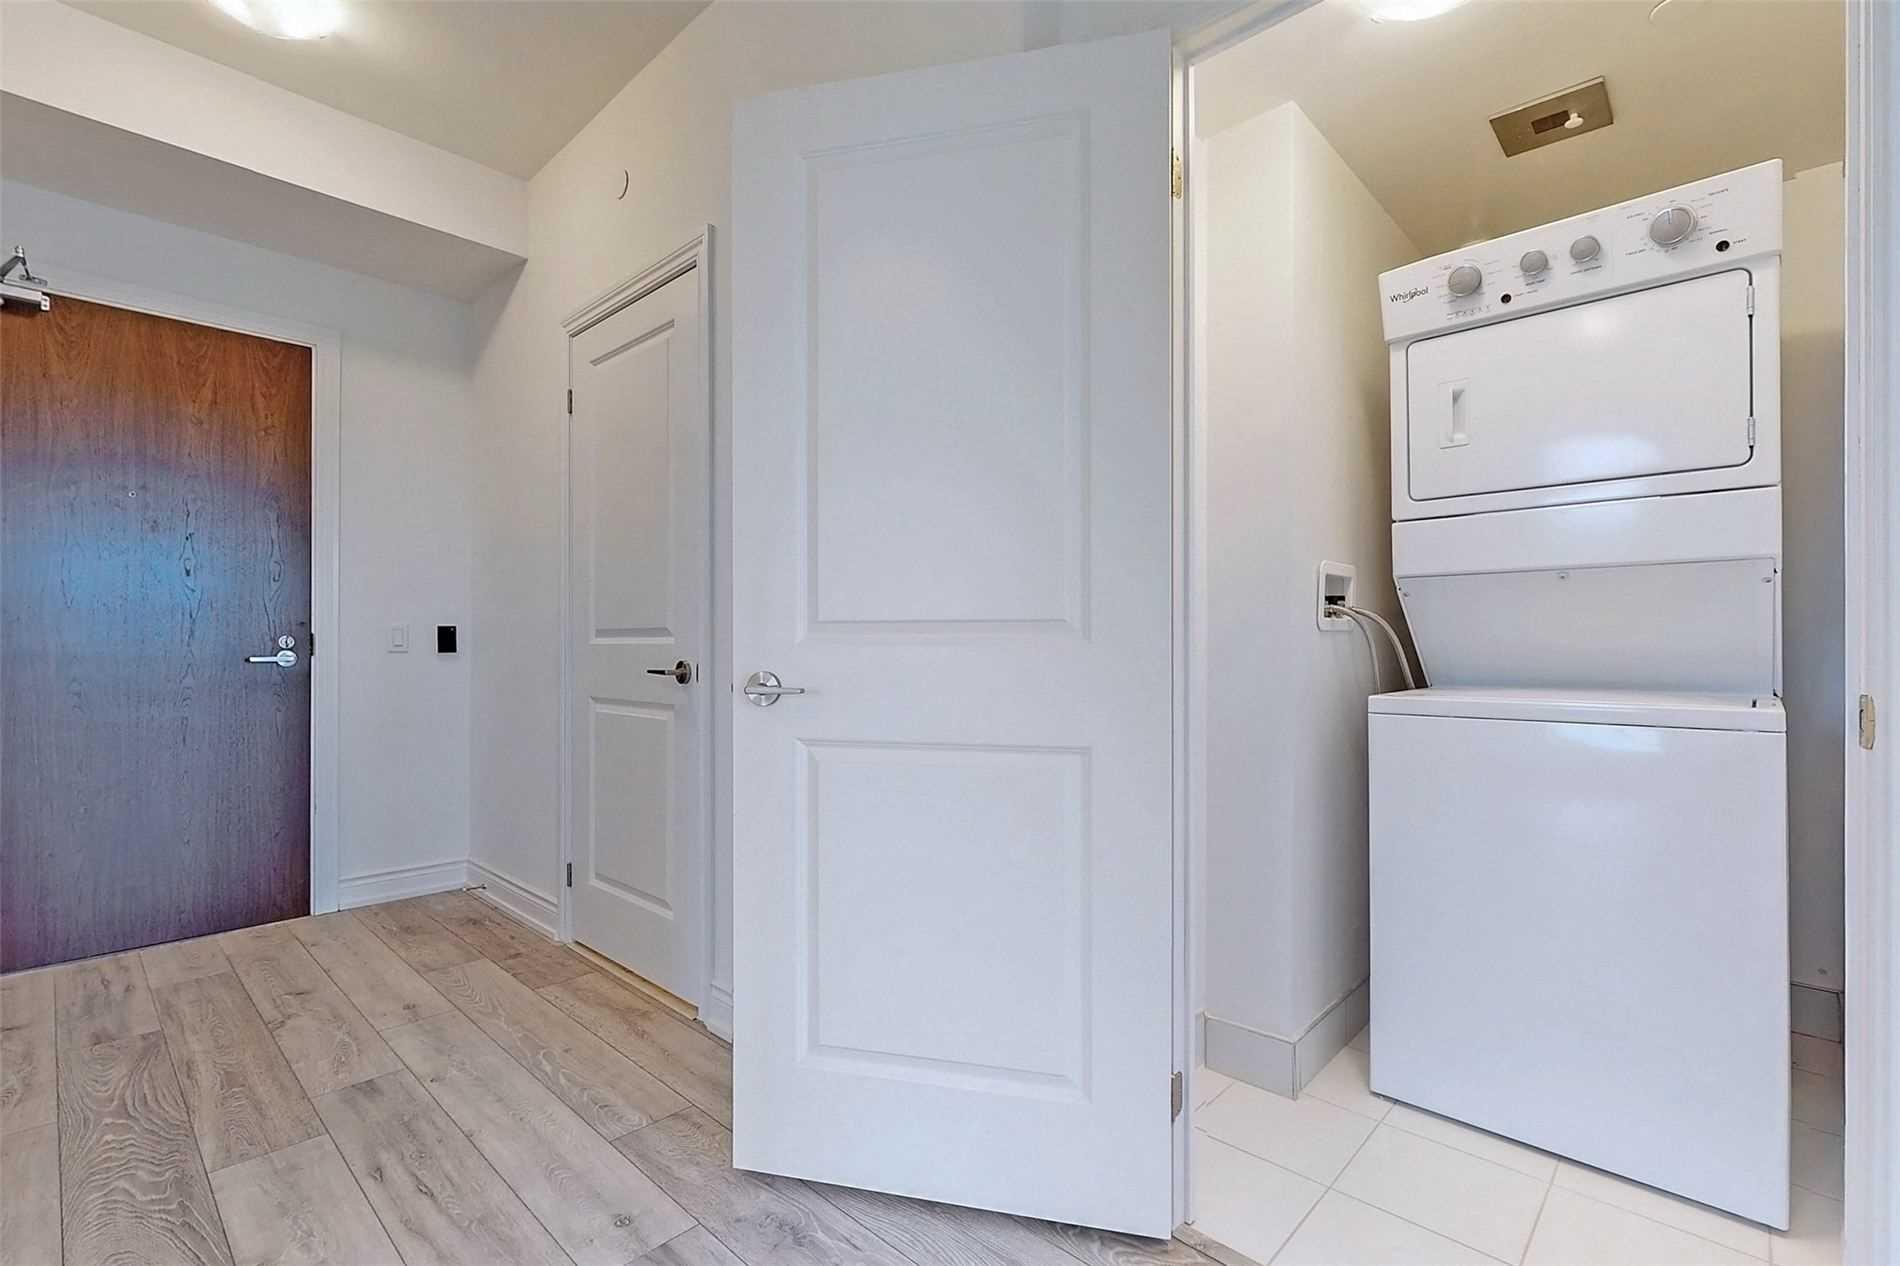 221 - 1050 Main St E - Dempsey Condo Apt for sale, 3 Bedrooms (W5398557) - #28